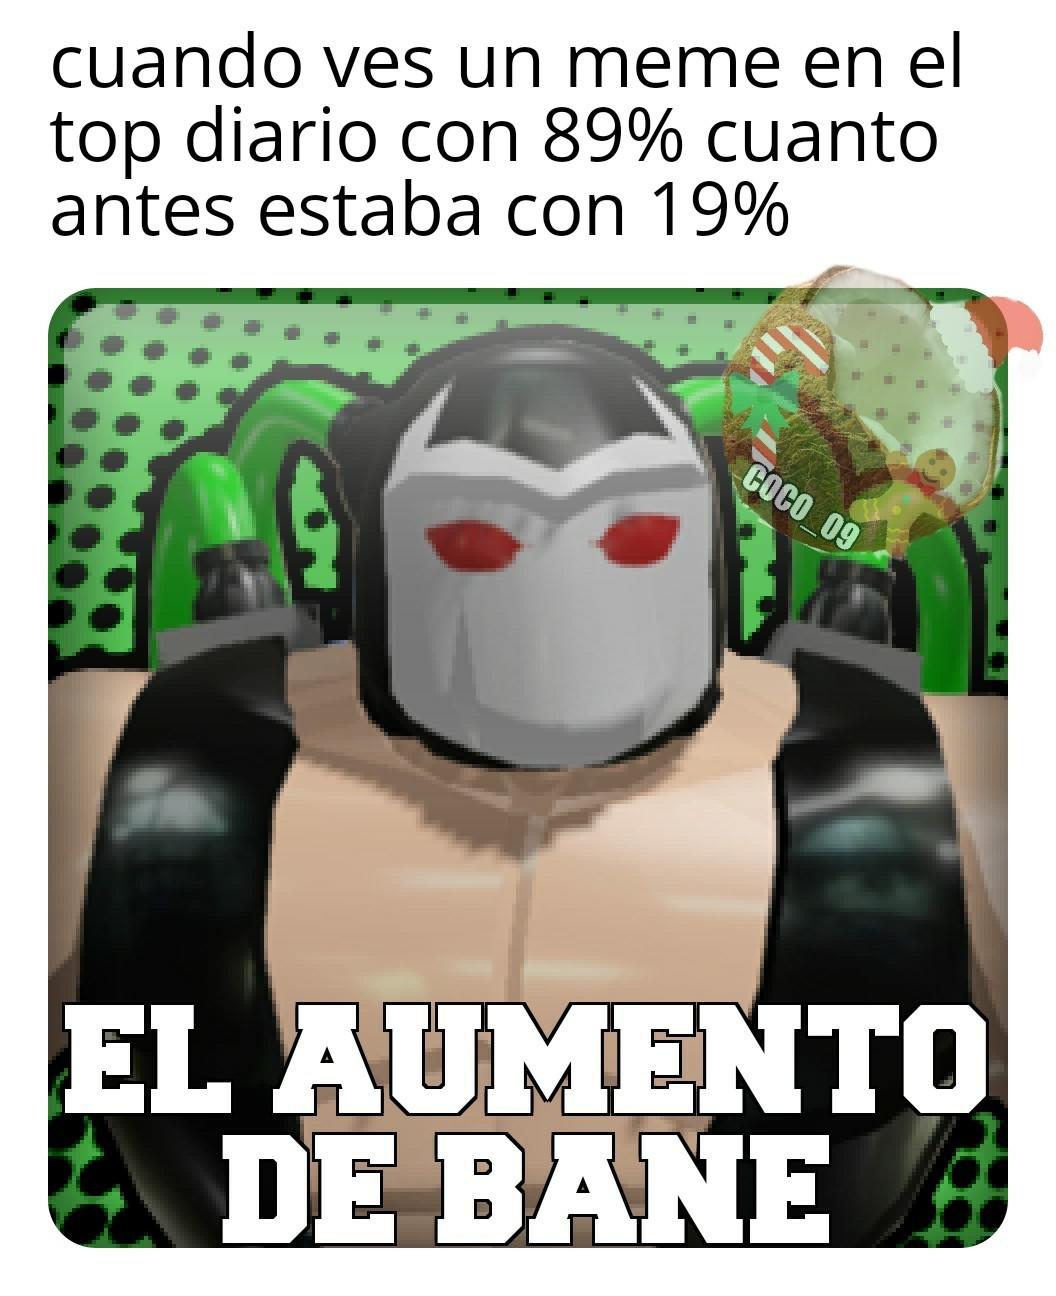 Nueva plantilla incomning - meme